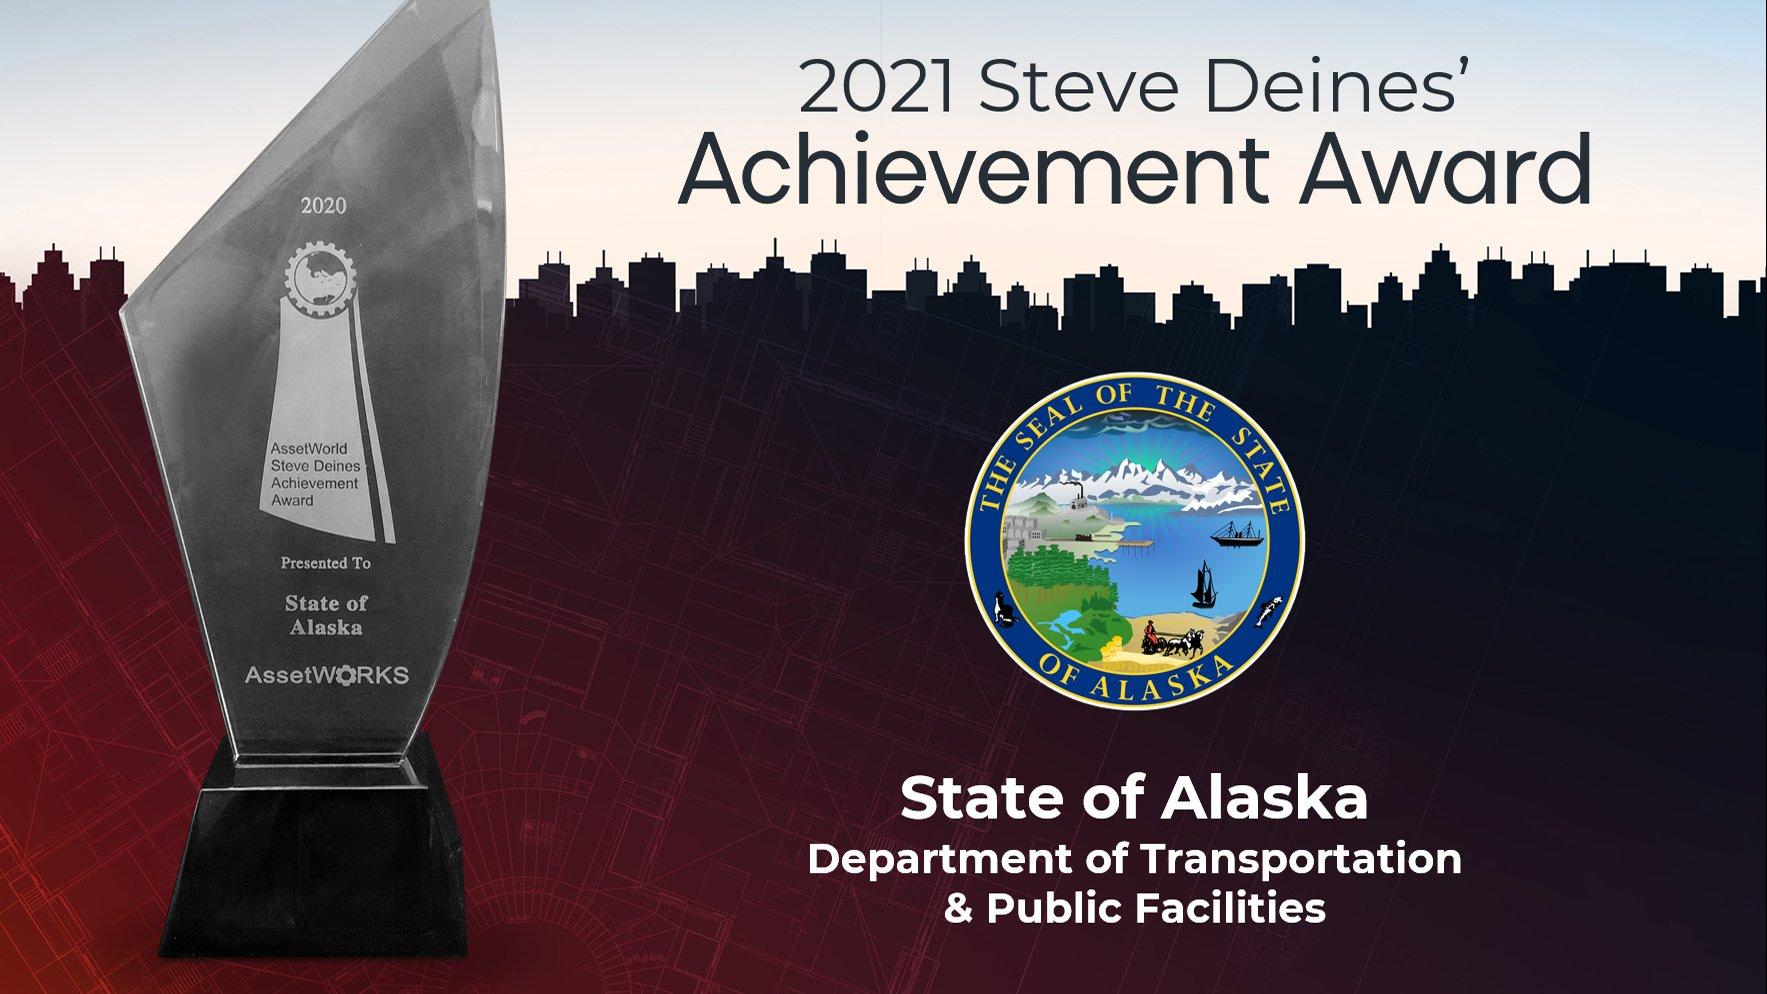 The State of Alaska wins AssetWorld's 2021 Steve Deines' Achievement Award